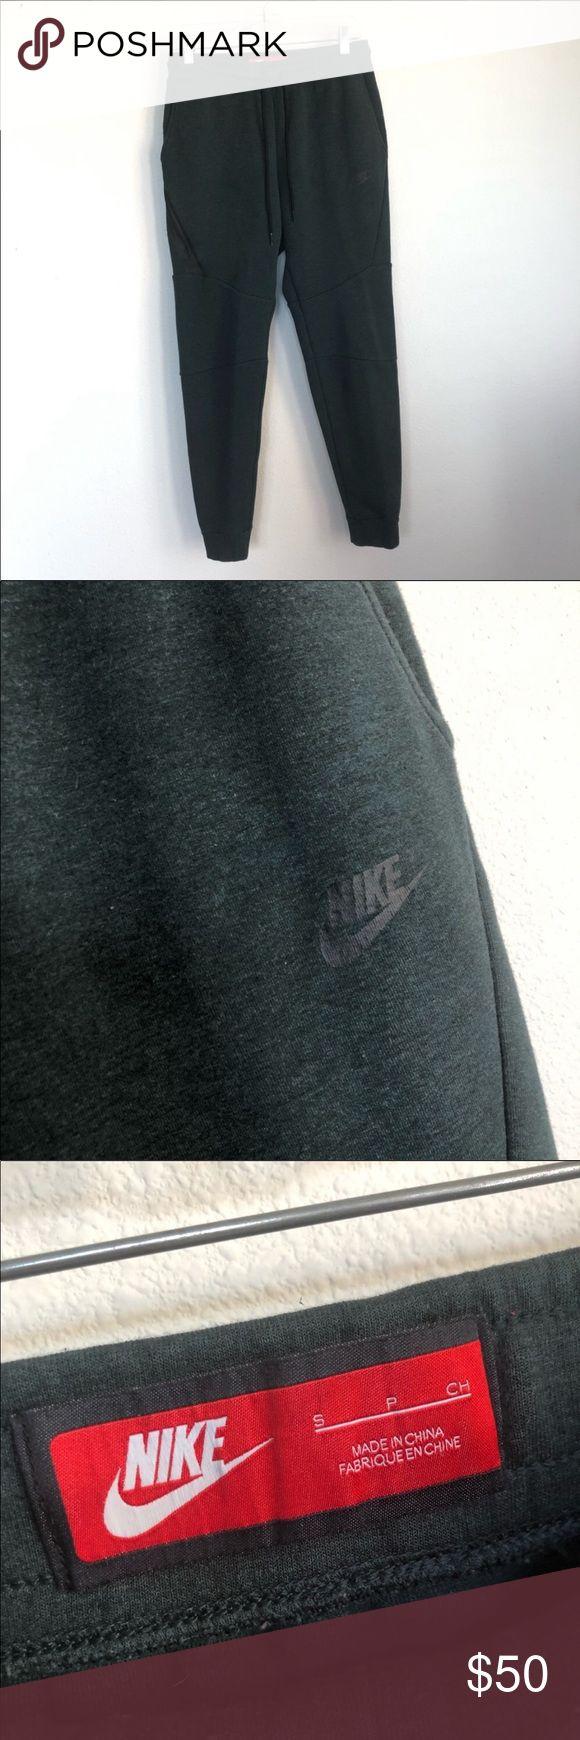 Nike tech fleece men's joggers in 2020 Nike tech fleece